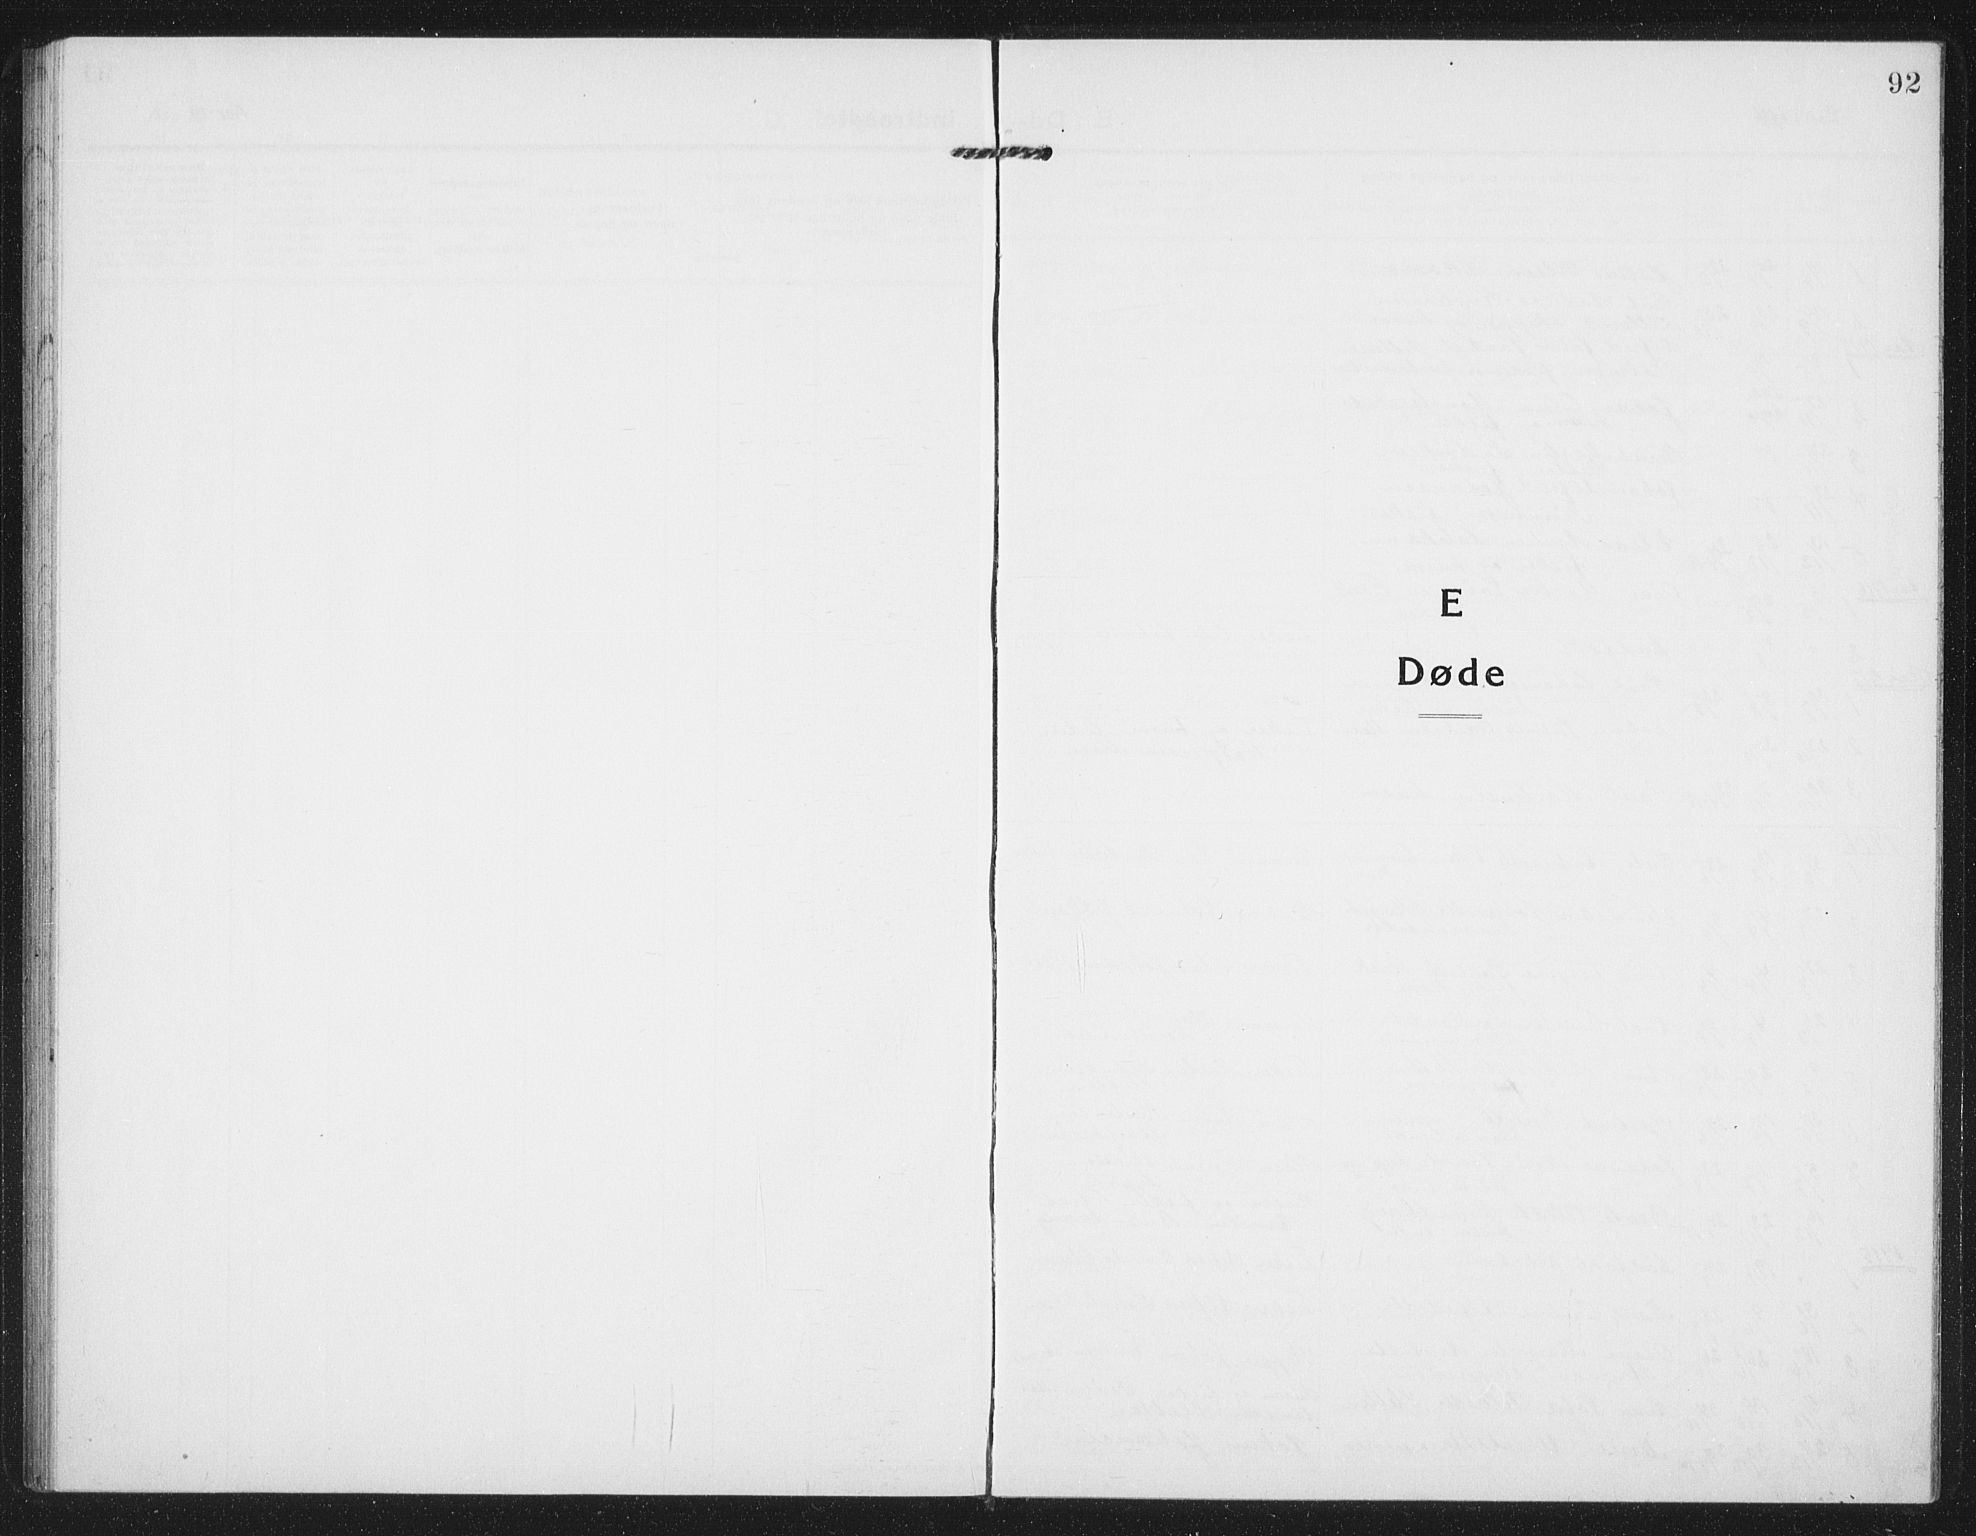 SAT, Ministerialprotokoller, klokkerbøker og fødselsregistre - Sør-Trøndelag, 659/L0750: Klokkerbok nr. 659C07, 1914-1940, s. 92